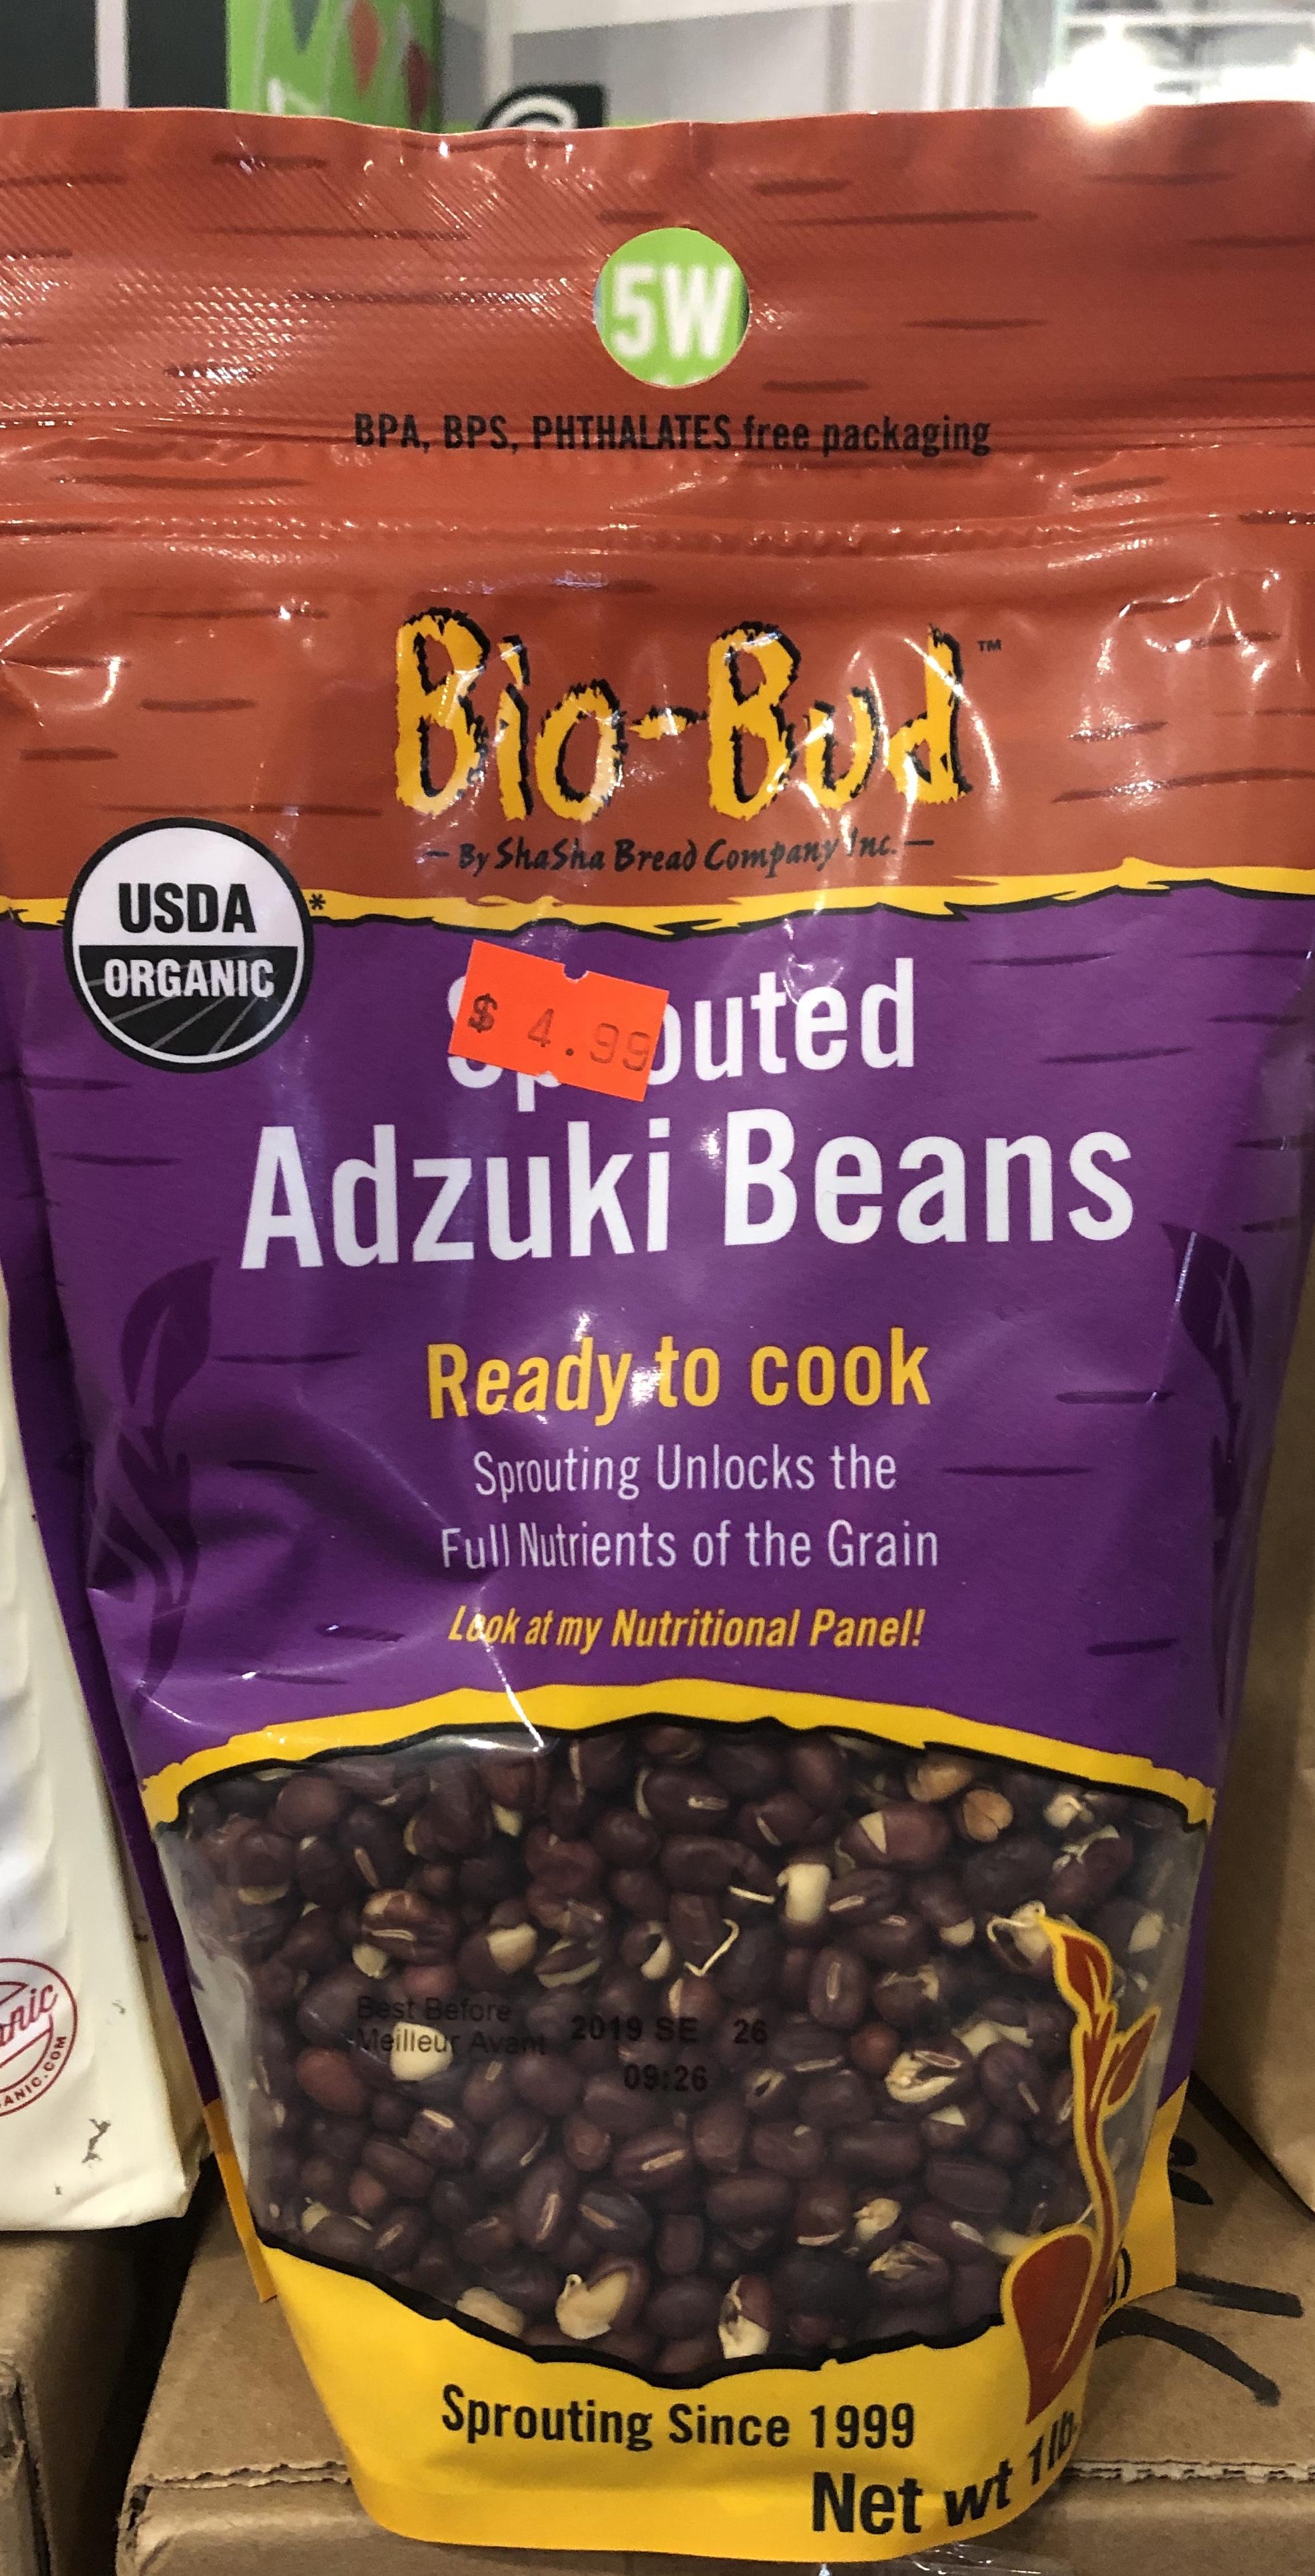 Bio-Bud Sprouted Adzuki Beans